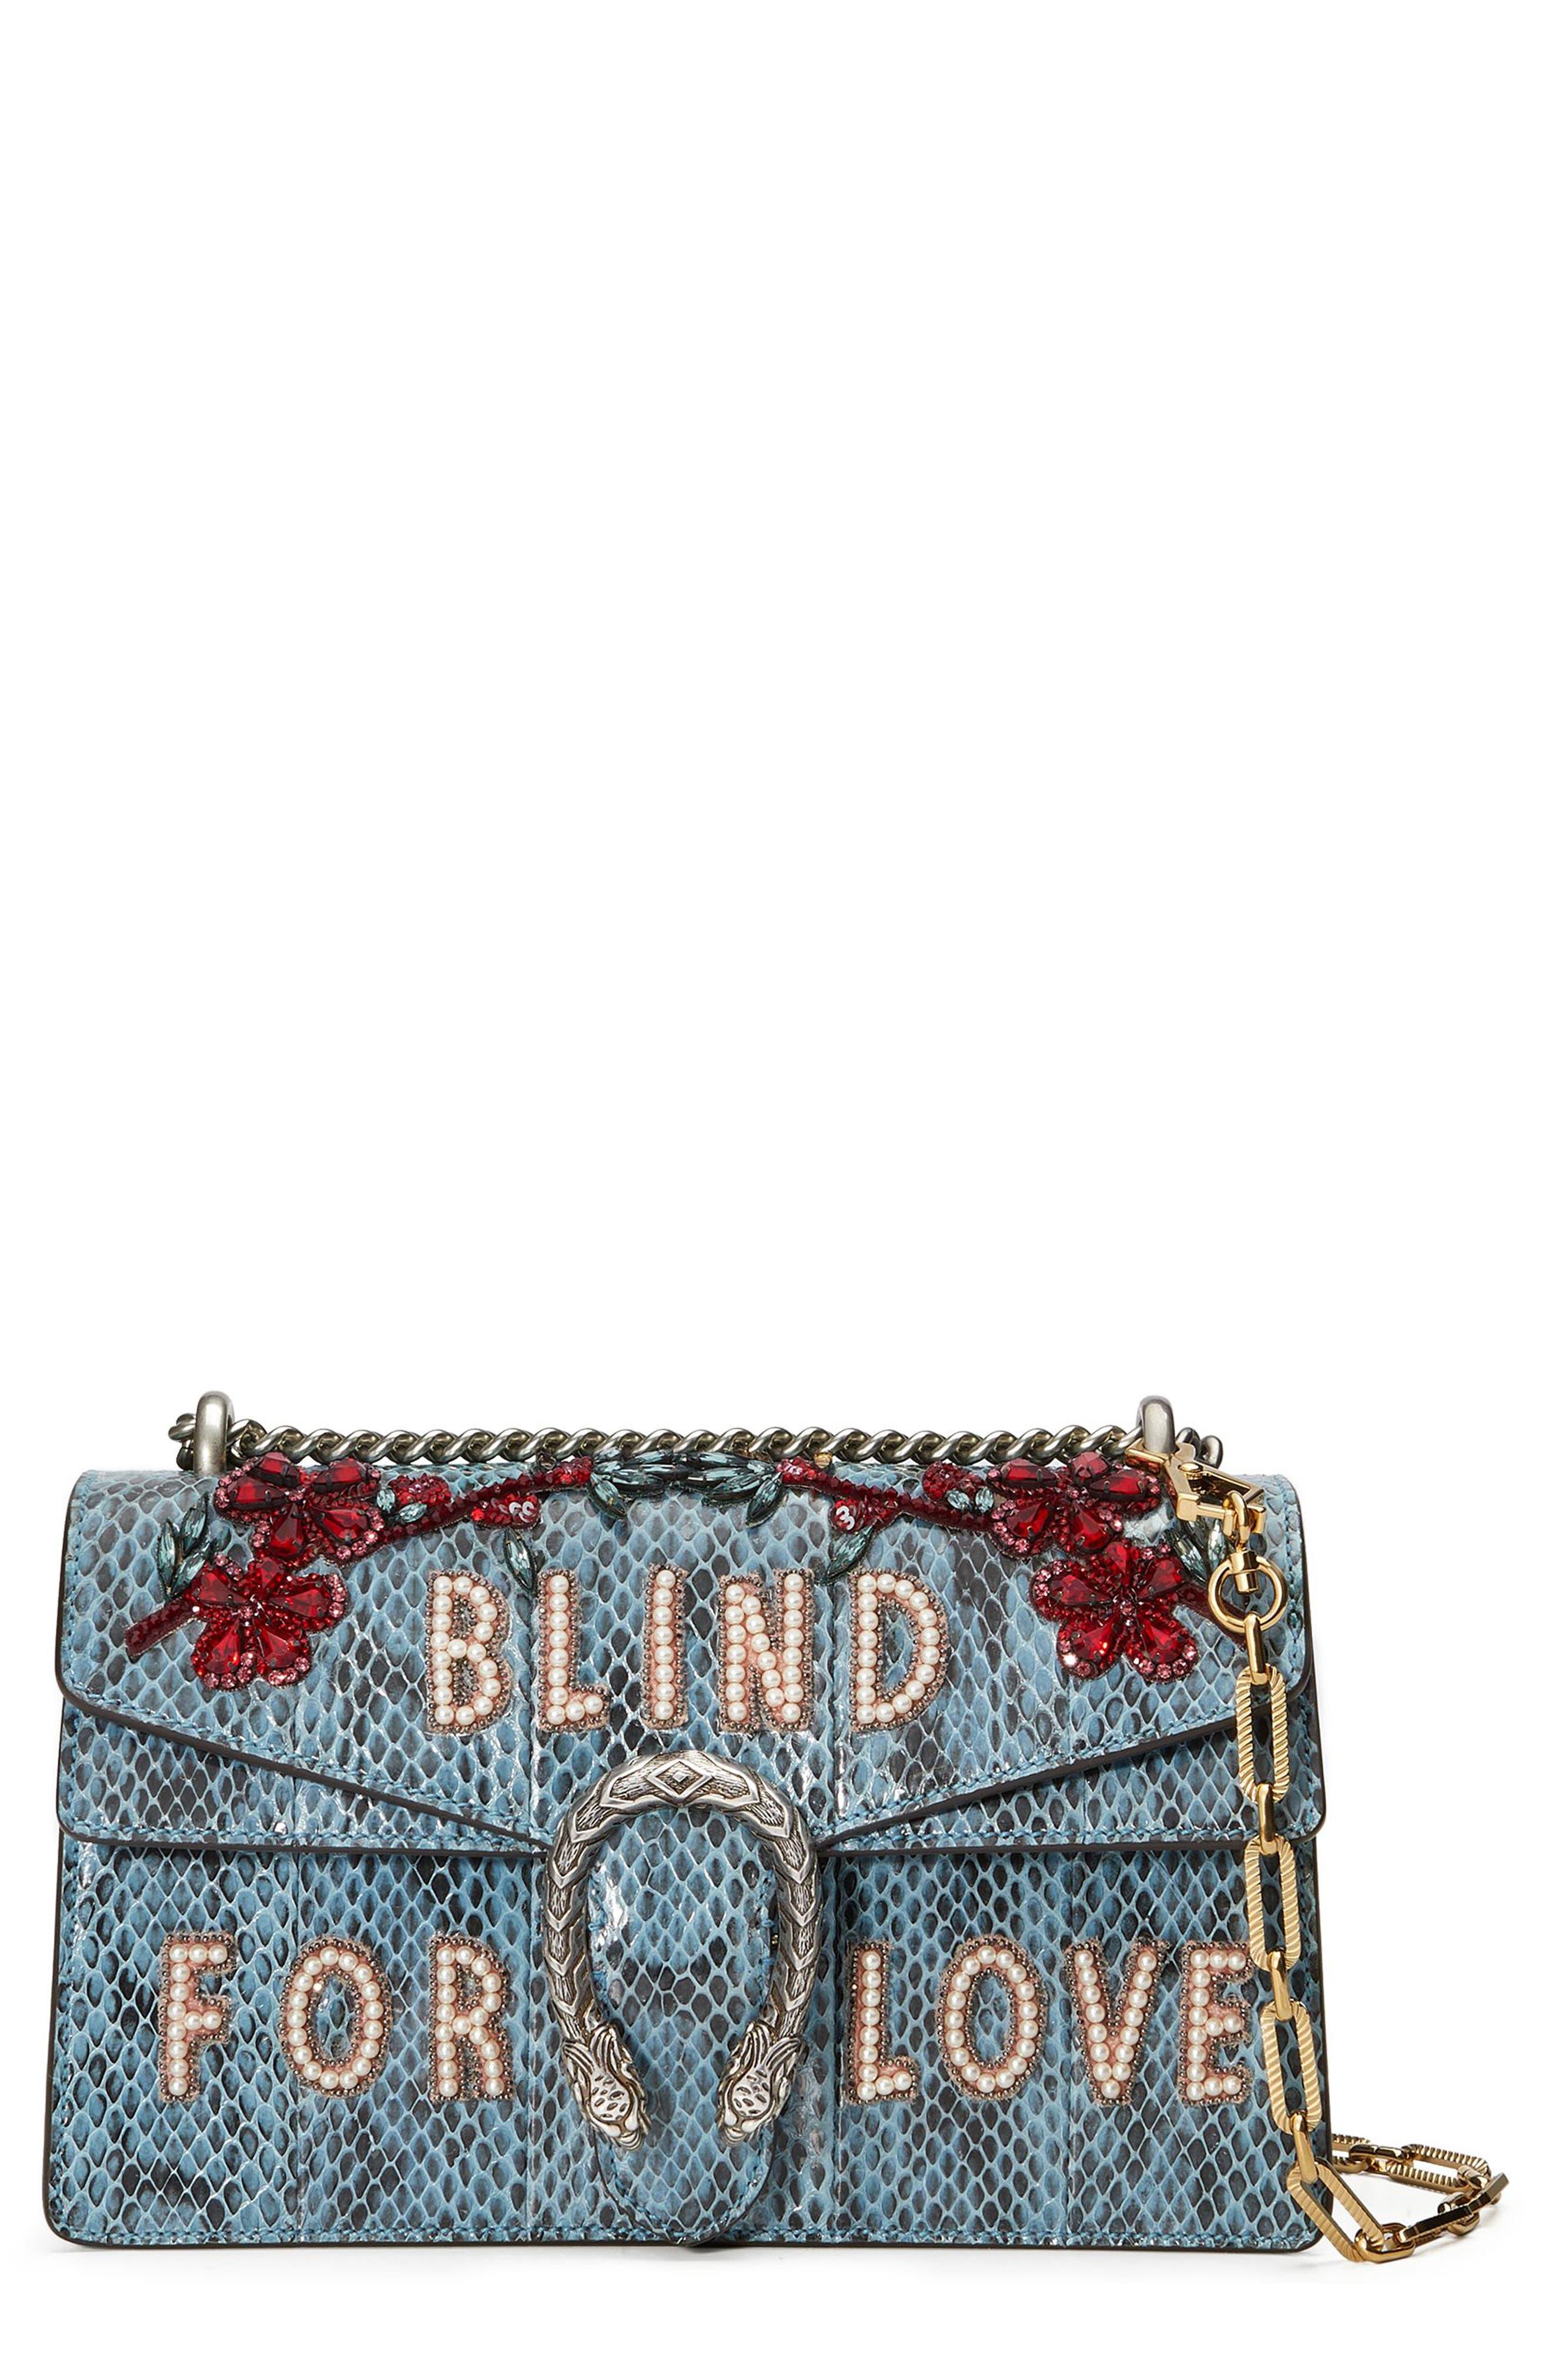 GUCCI Dionysus Blind for Love Genuine Snakeskin Shoulder Bag, Main, color, 493